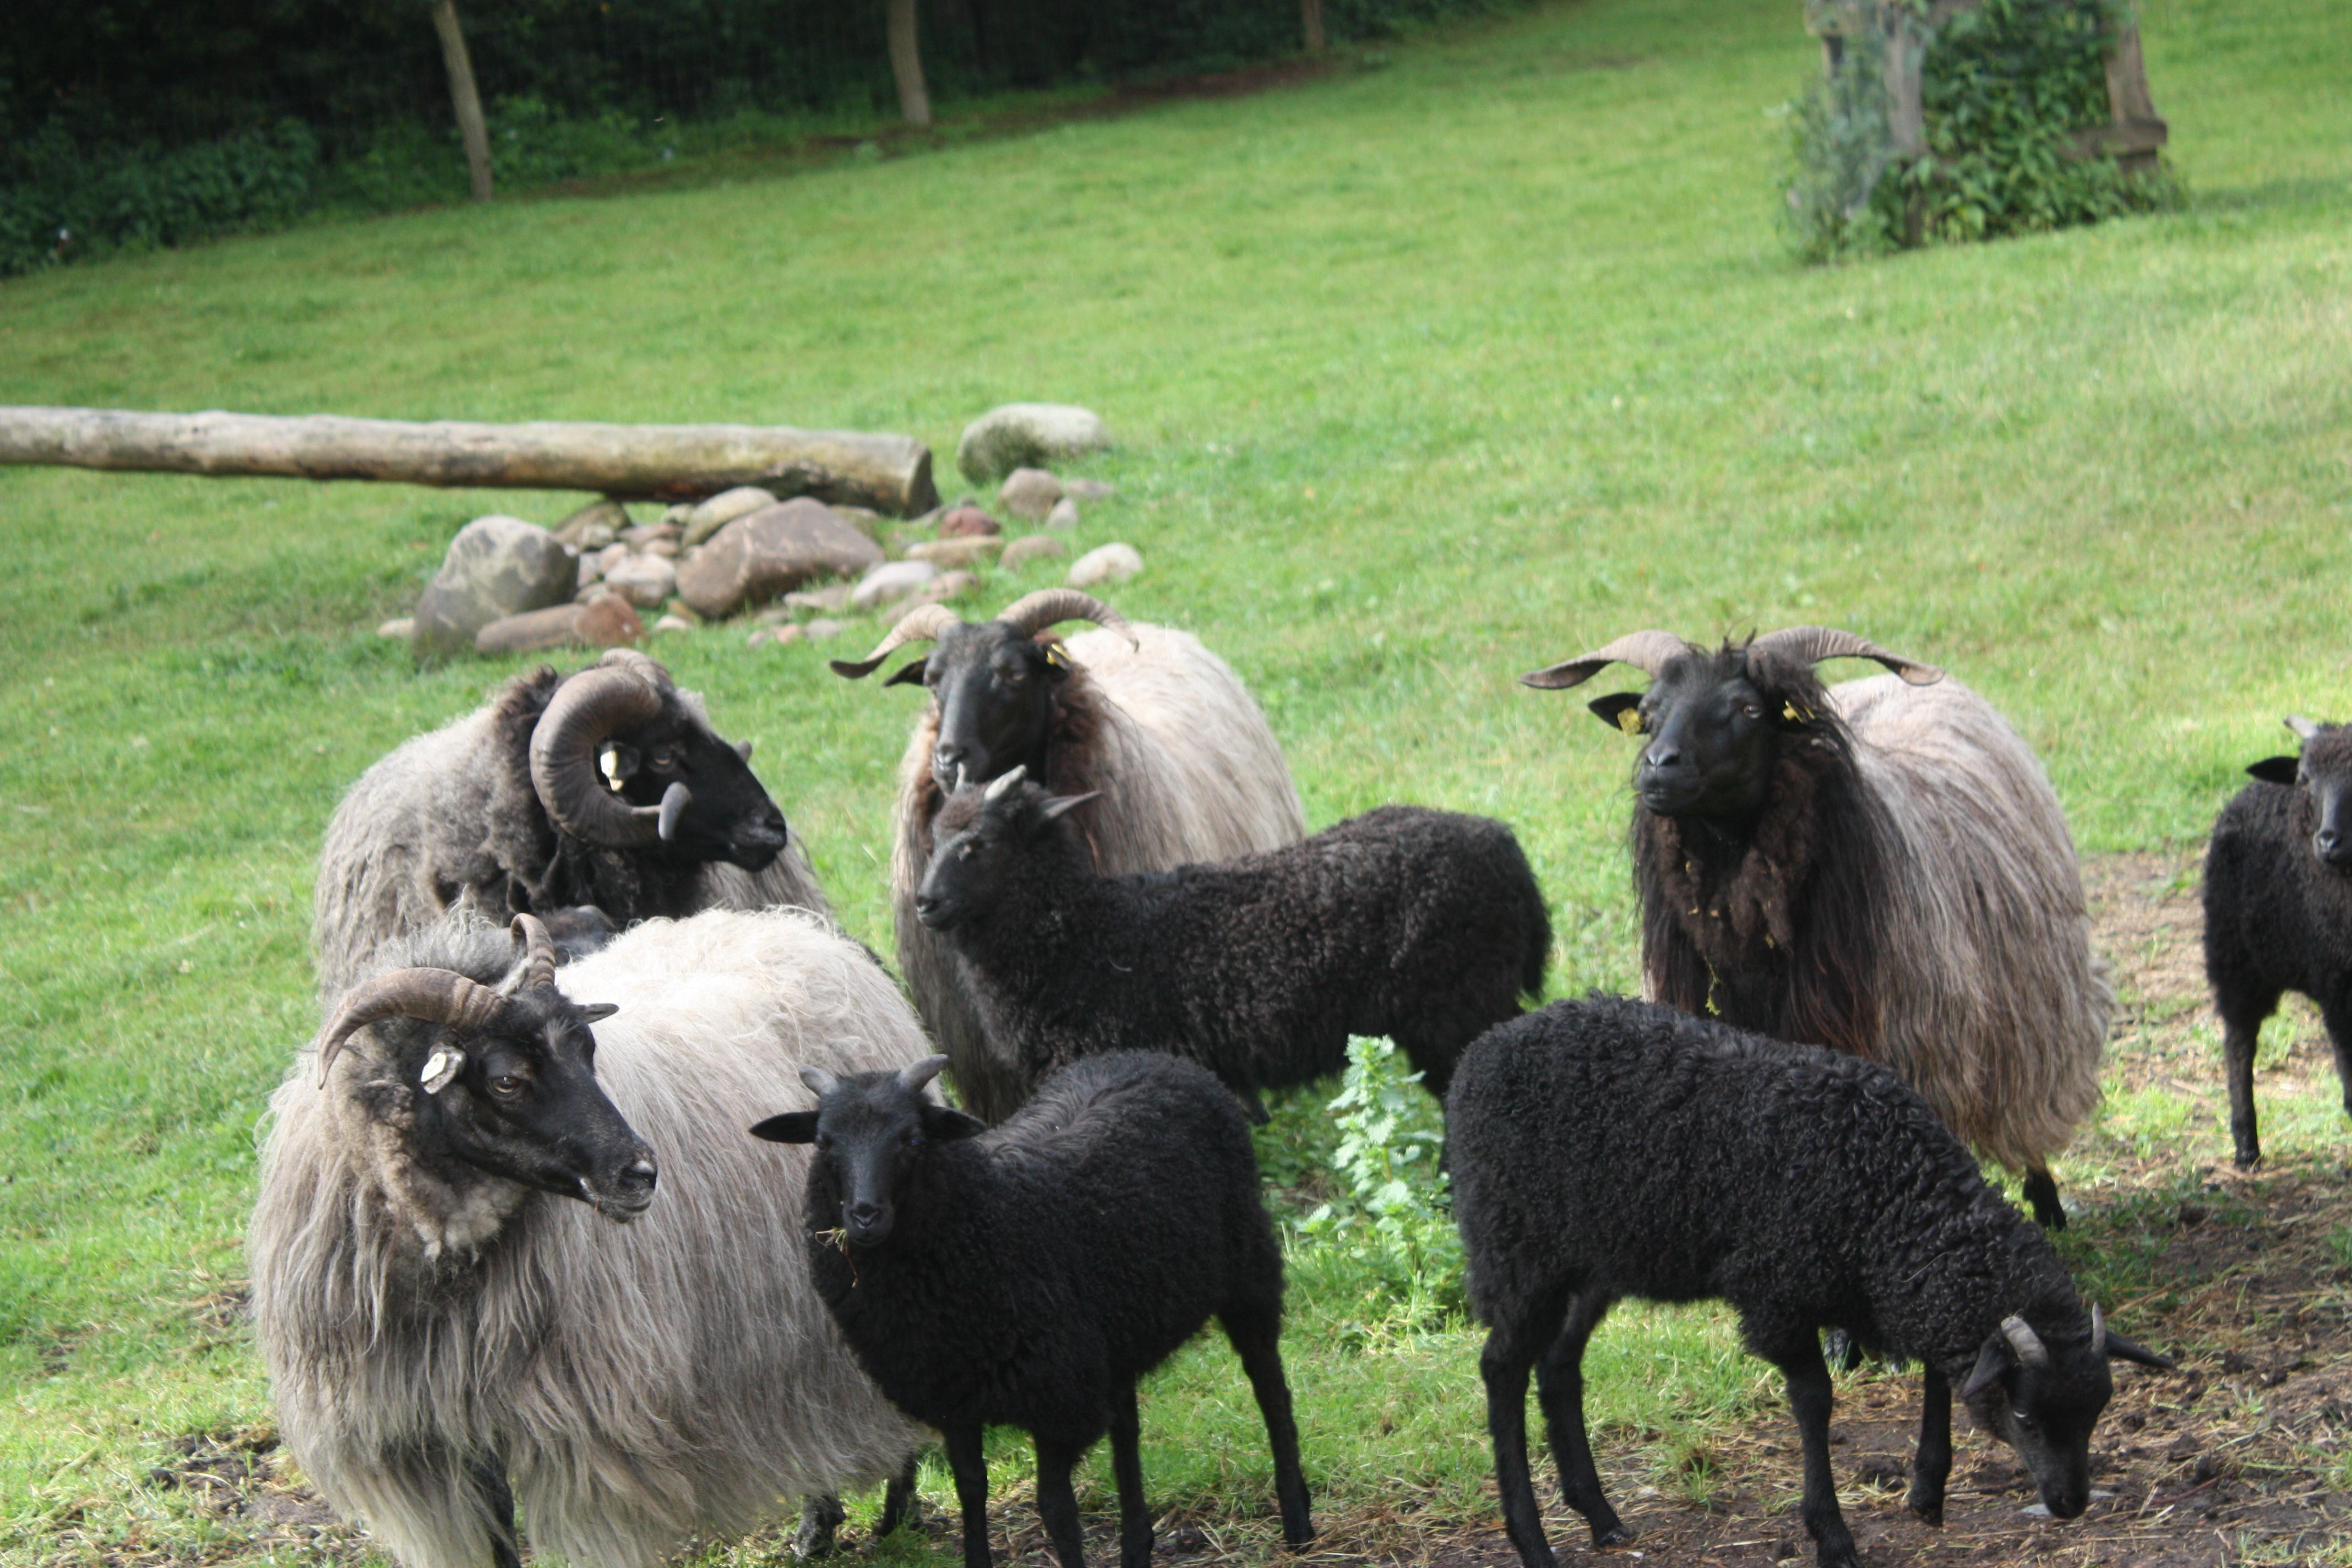 Auf Tödtler´s Immenhof gibt es nicht nur weiße, sondern auch schwarze Schafe